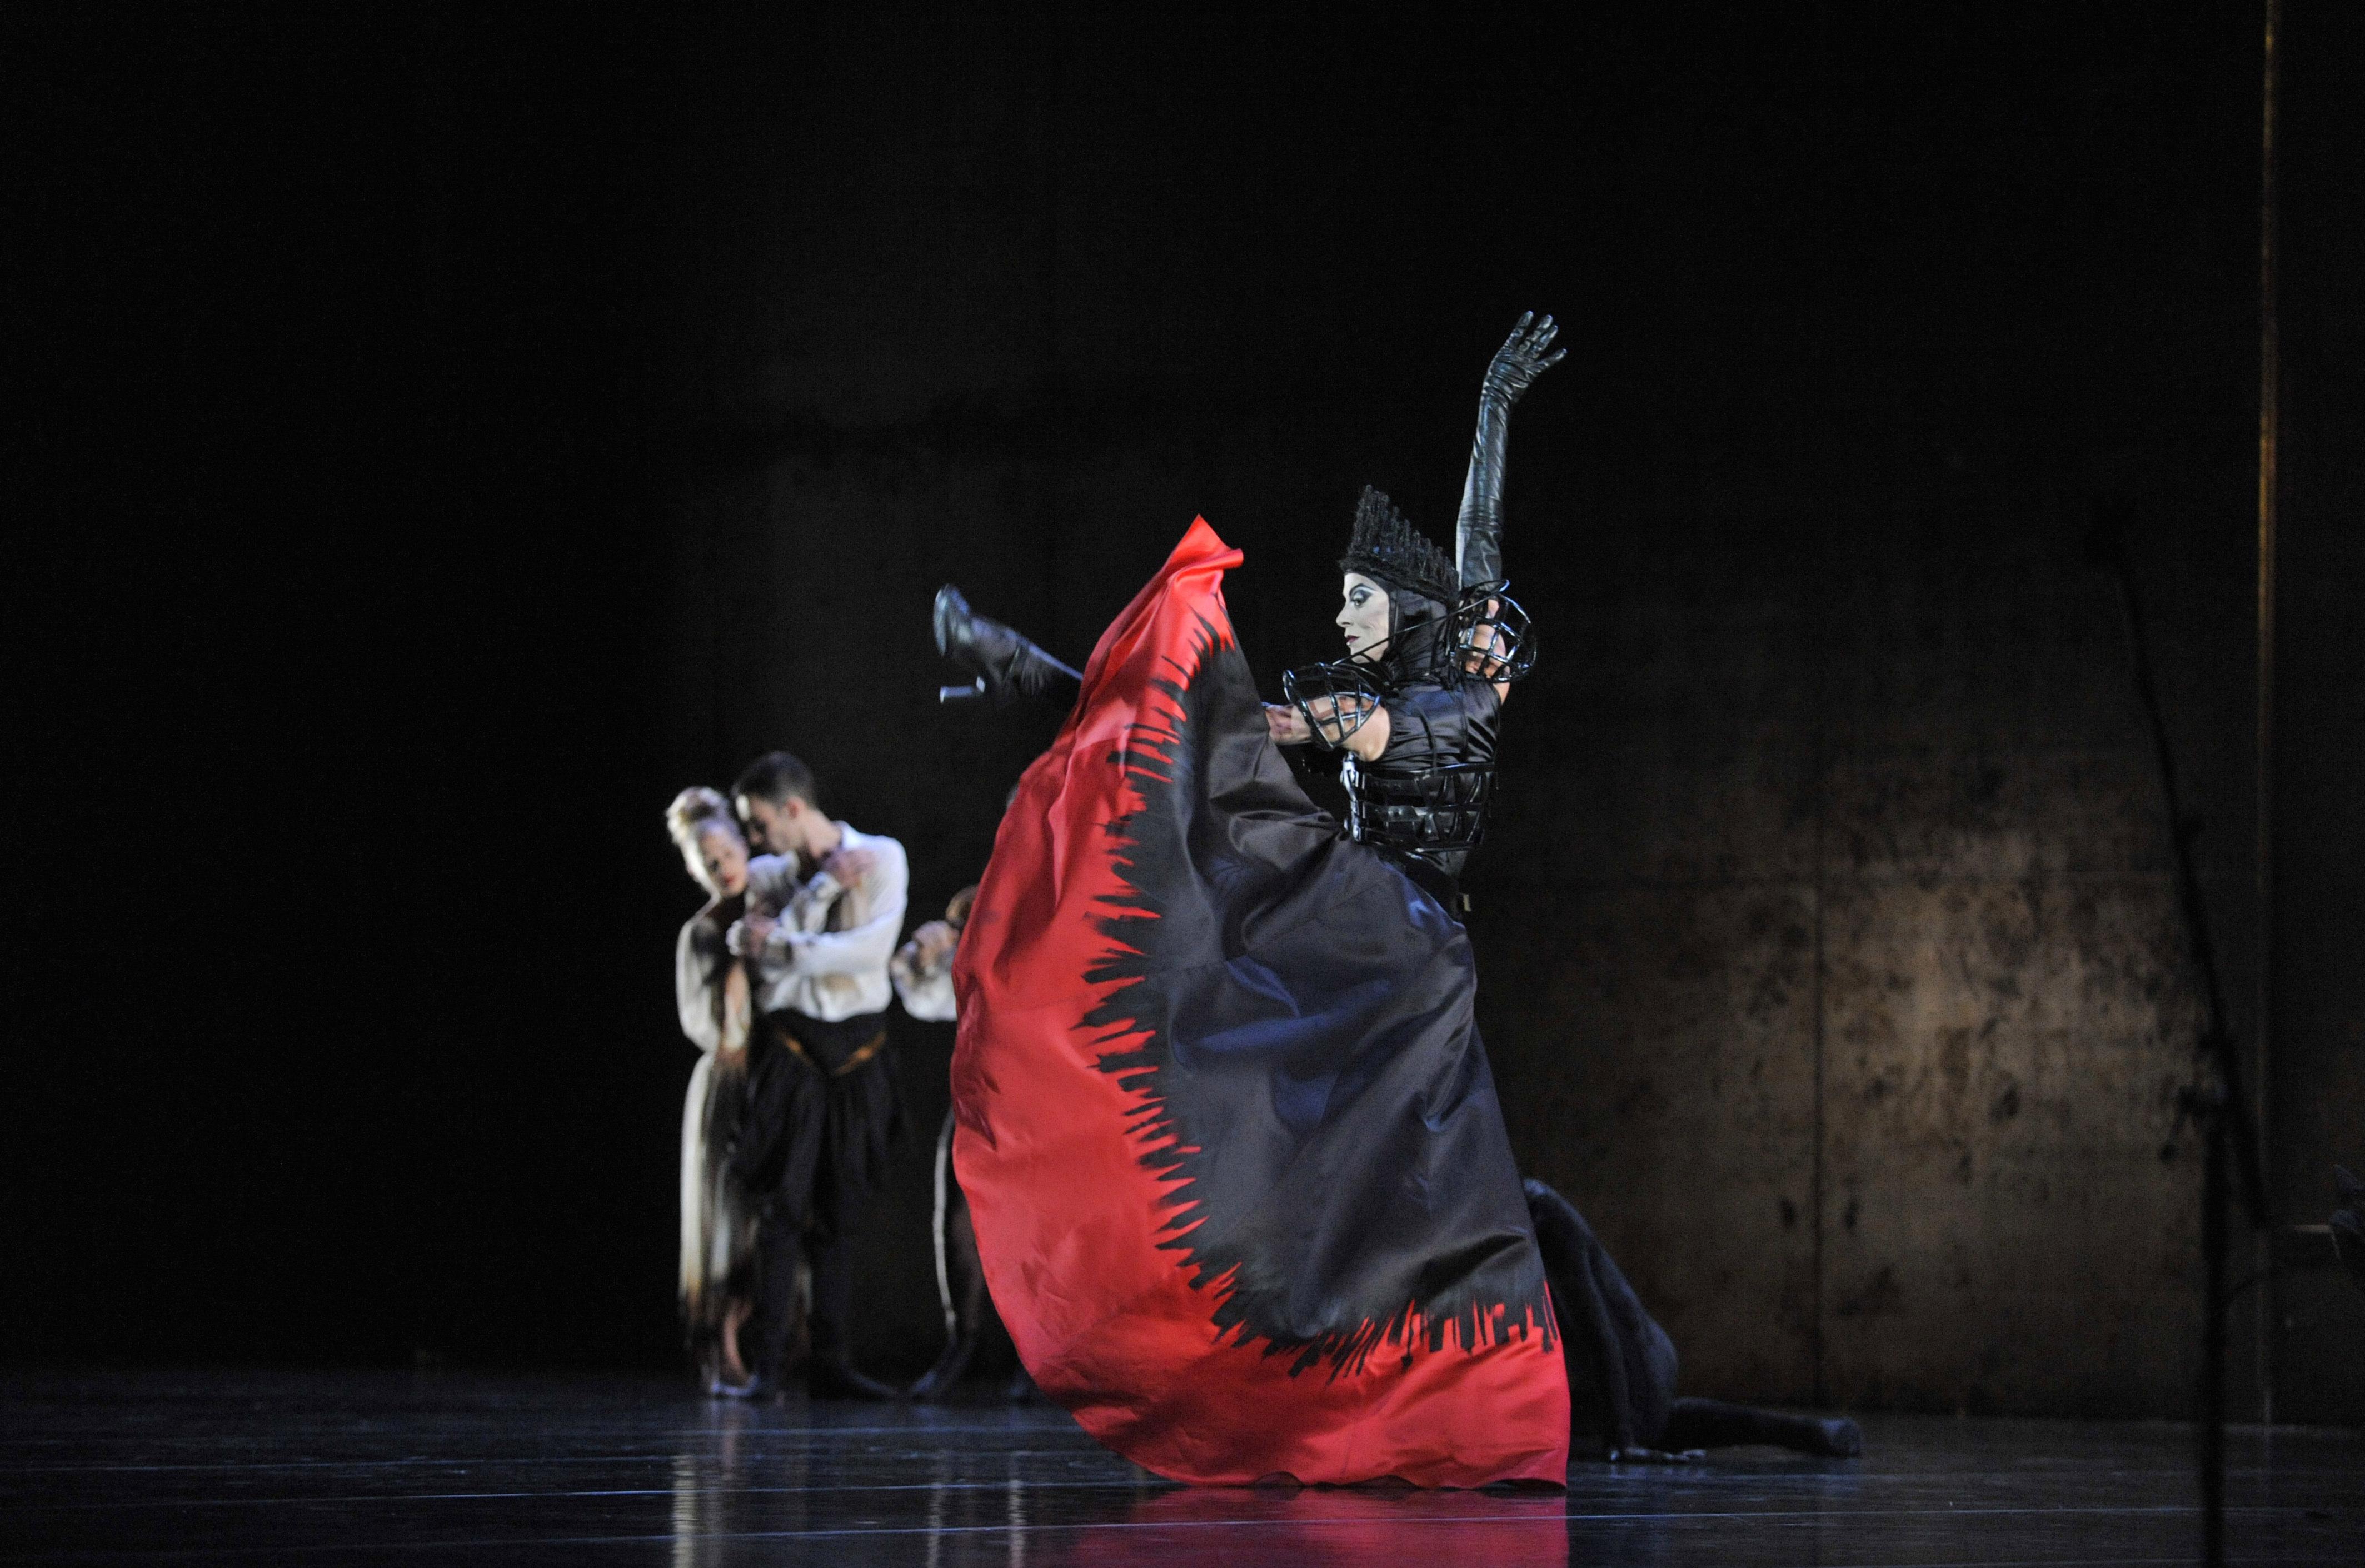 Les spectaculaires costumes de danse d'Angelin Preljocaj